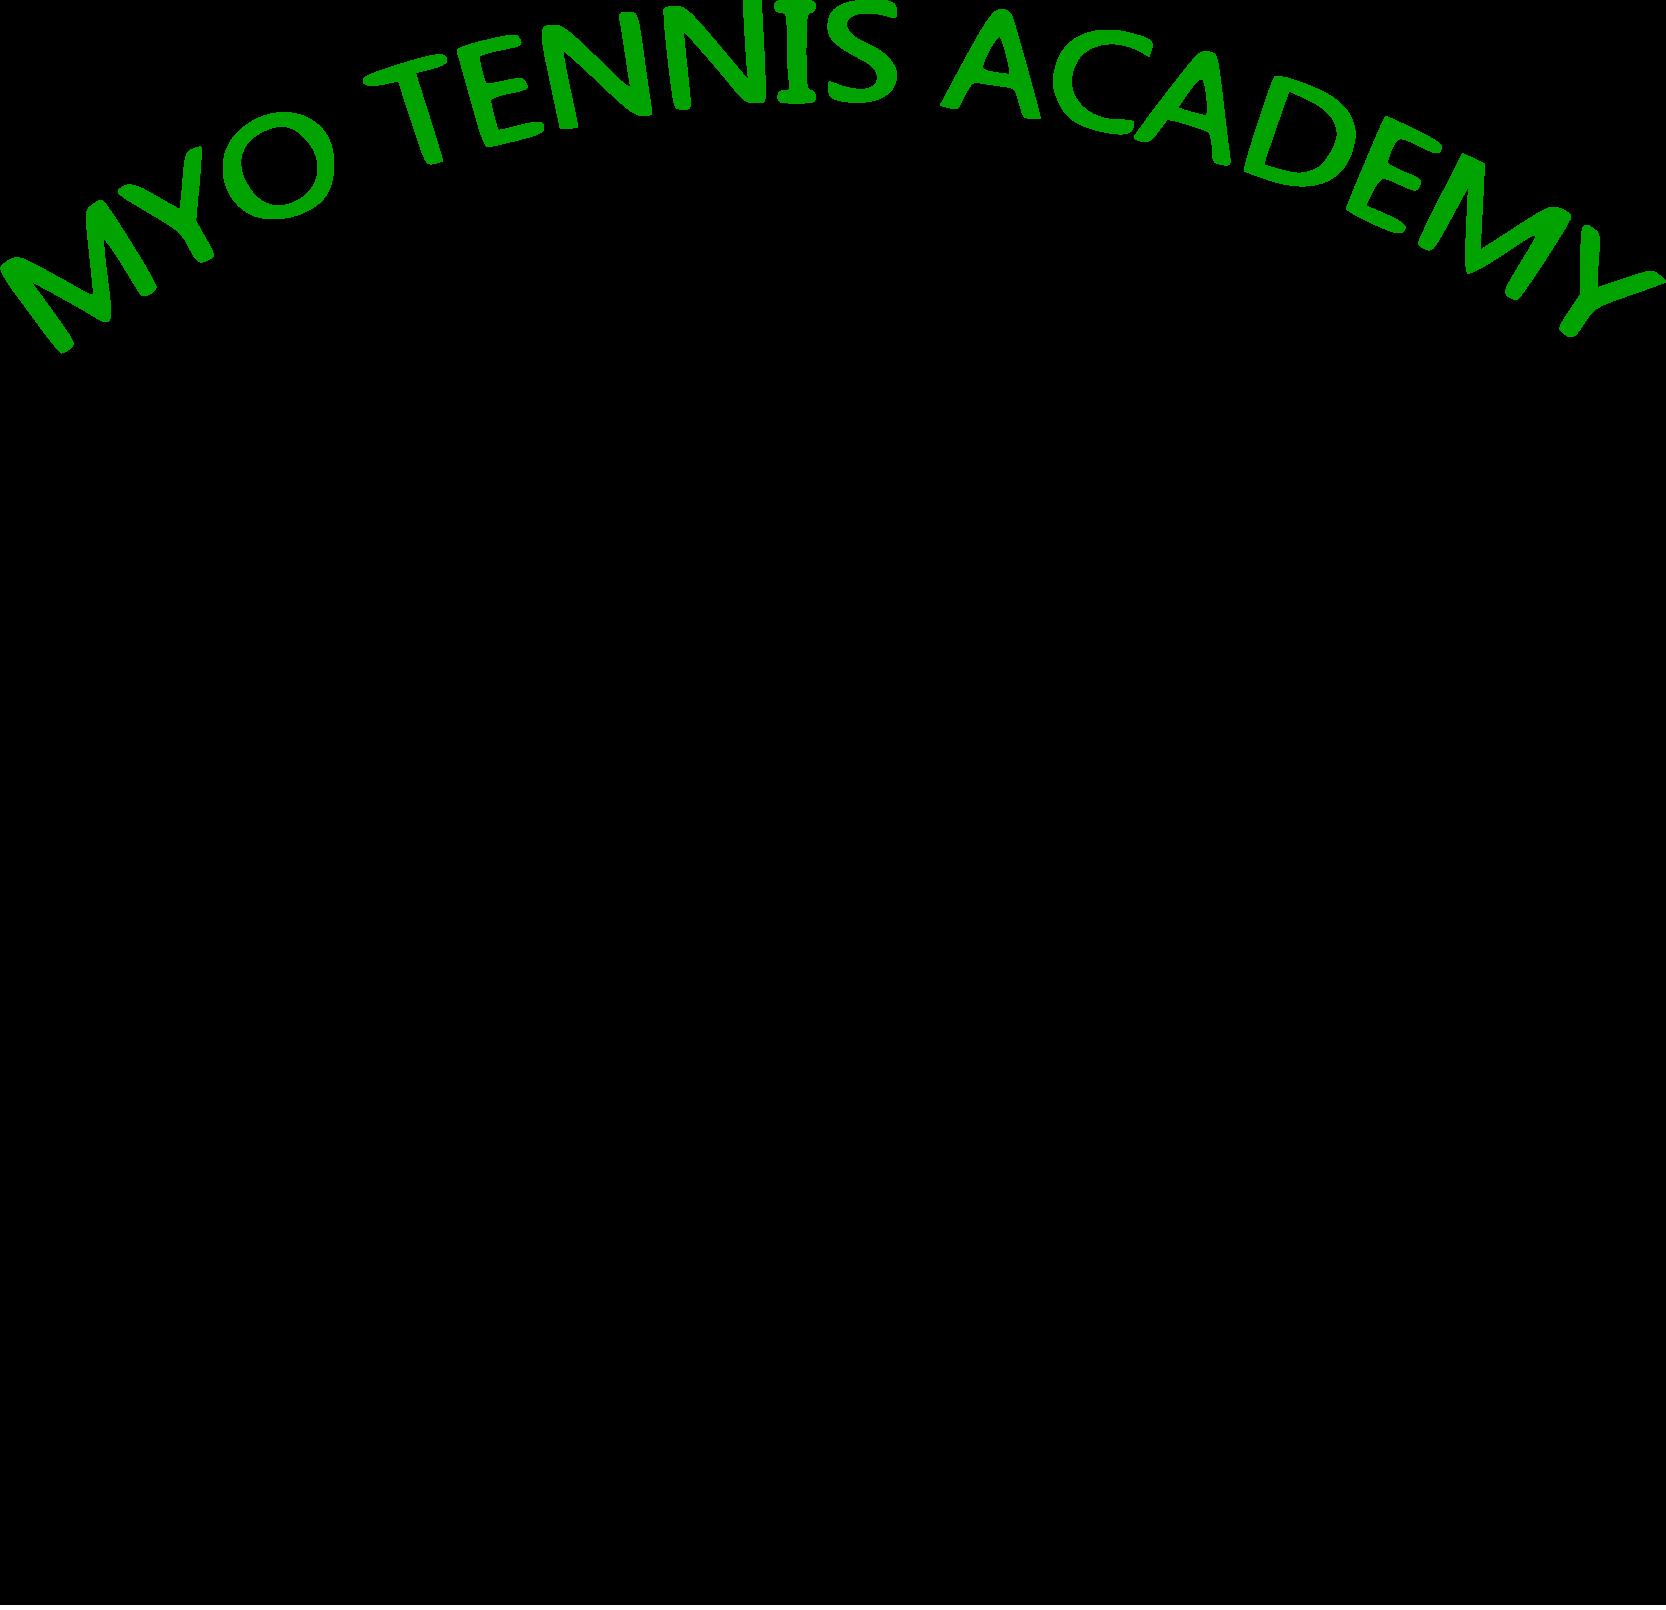 Myo Tennis Academy